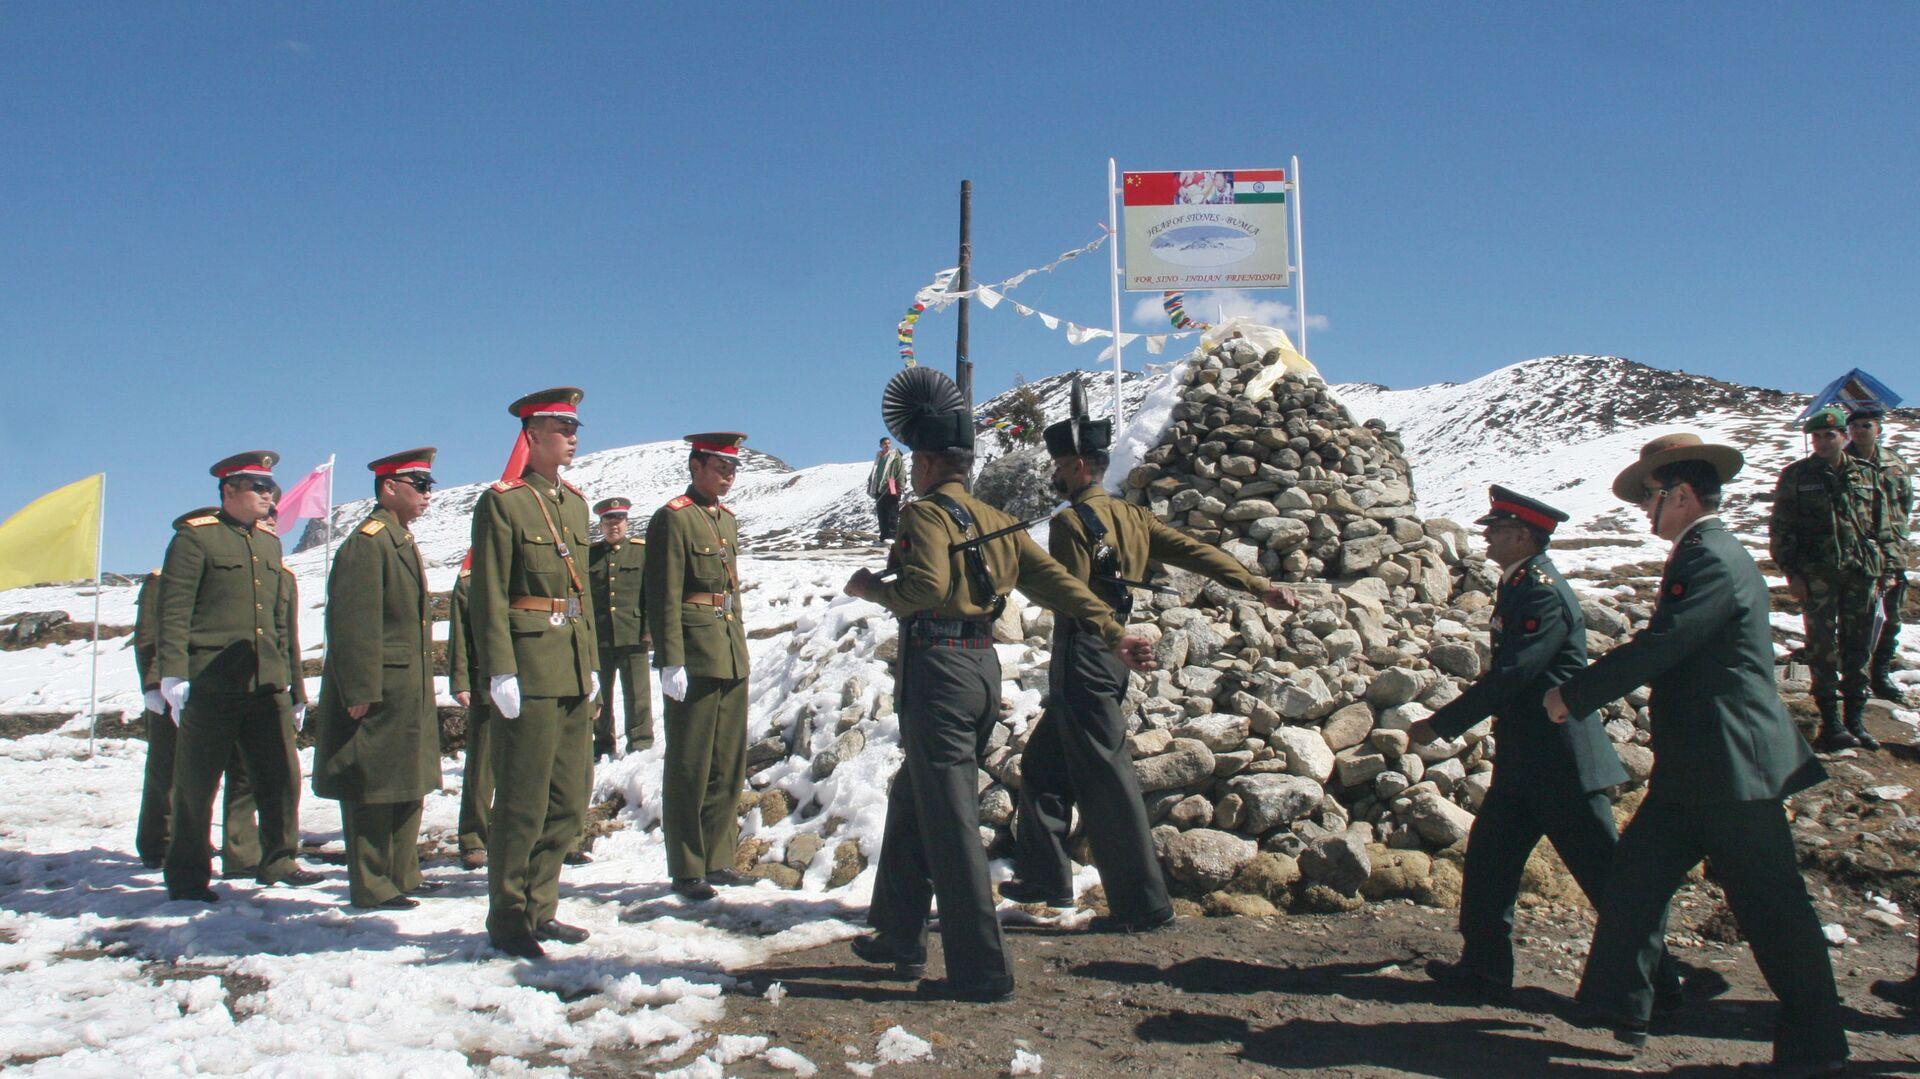 Một phái đoàn của Quân đội Ấn Độ, bên phải, diễu hành để gặp phái đoàn của quân đội Trung Quốc, bên trái, tại một cuộc họp Nhân sự biên giới (BPM) ở phía Trung Quốc về ranh giới kiểm soát thực tế tại Bumla, Biên giới Đông Dương, Thứ Hai, tháng 10 . 30 năm 2006 - Sputnik Việt Nam, 1920, 11.10.2021